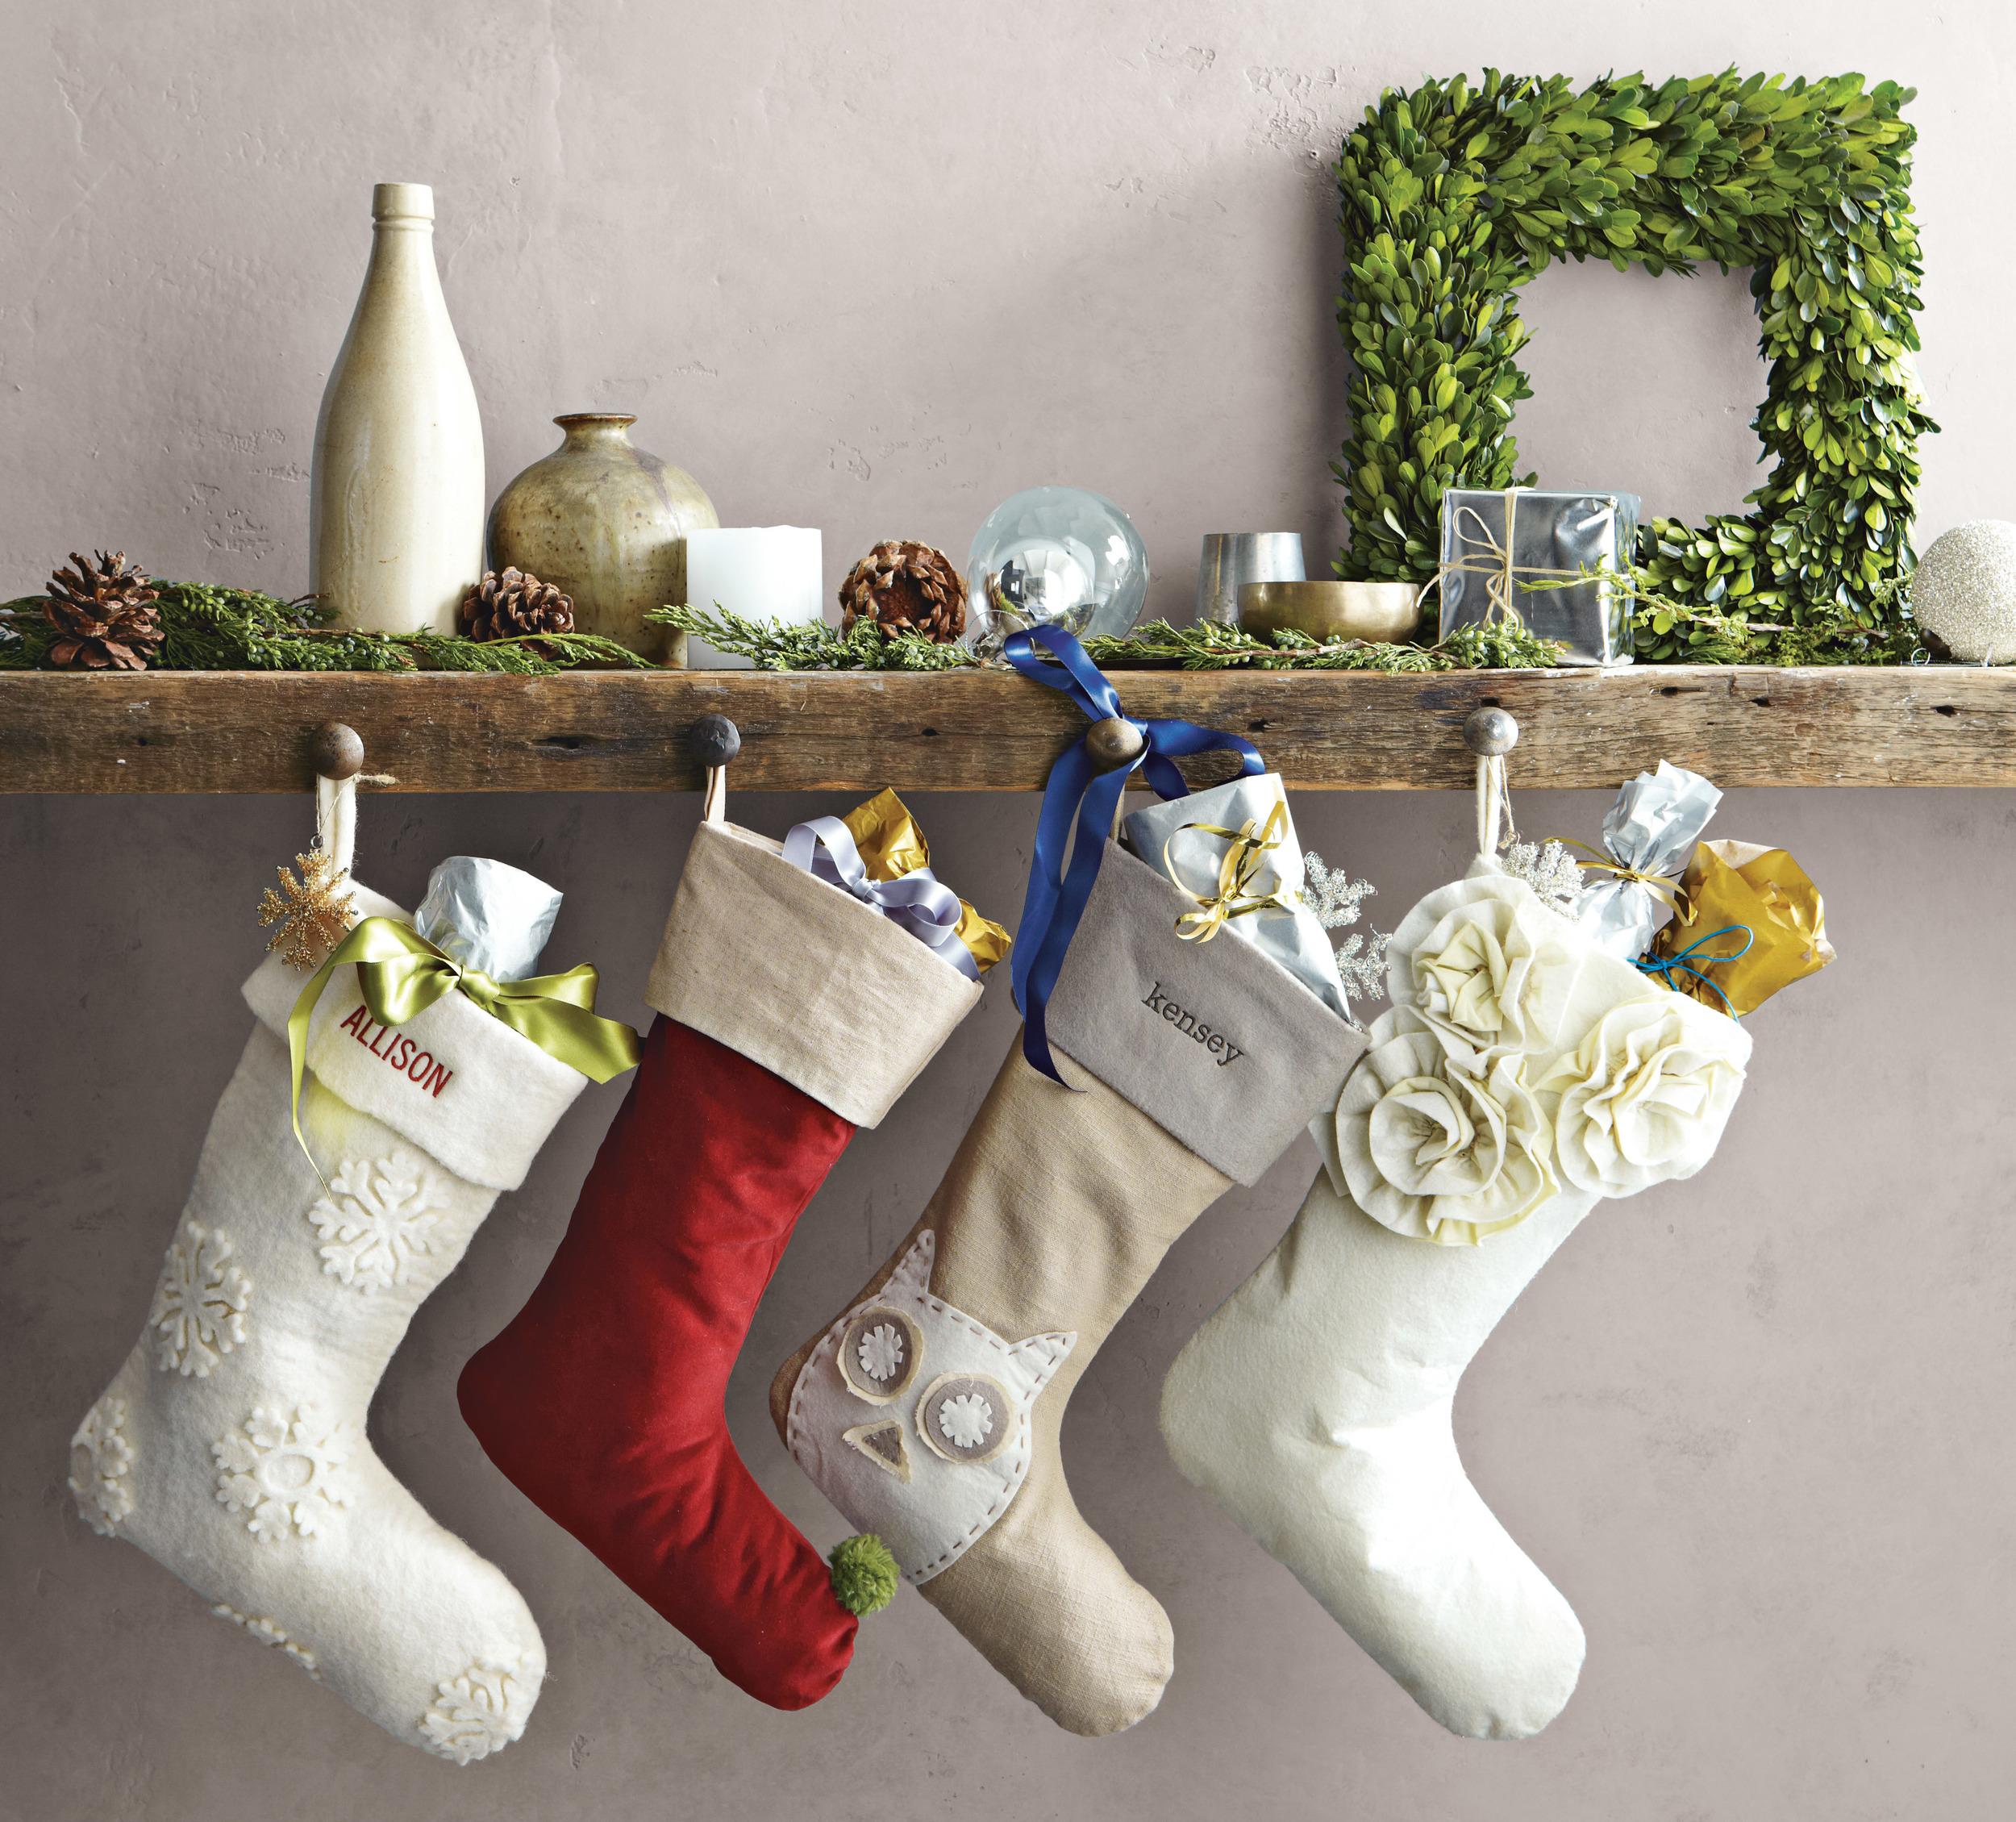 velvet stockings from West Elm